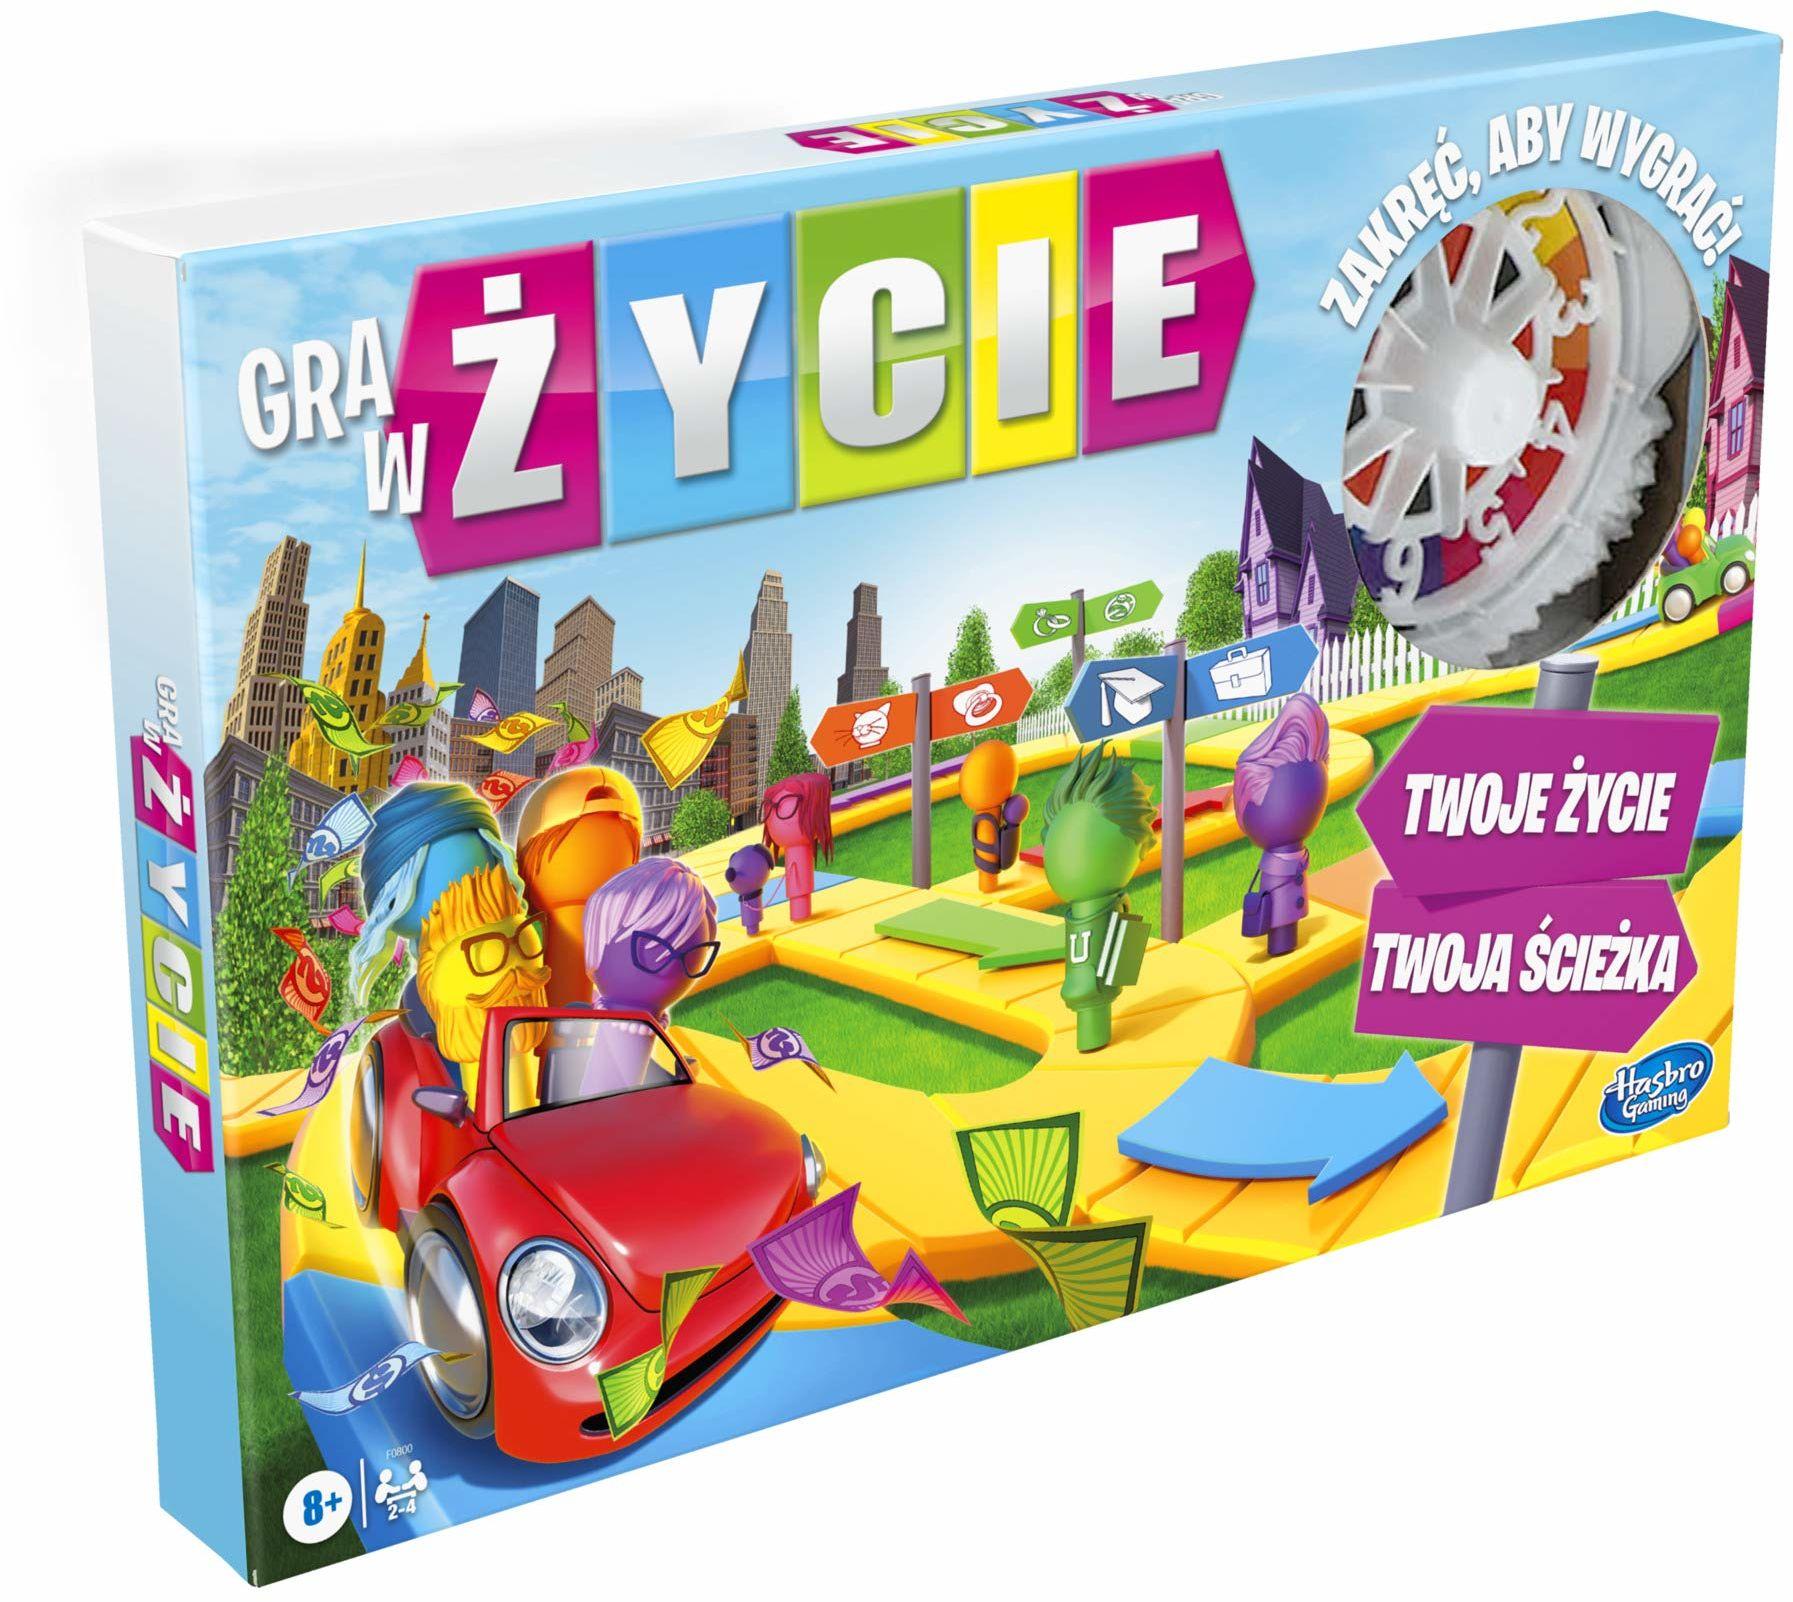 Gra w życie, rodzinna gra planszowa dla od 2 do 4 graczy, gra do zabawy w domu dla dzieci w wieku od 8 lat, pionki w 6 kolorach.